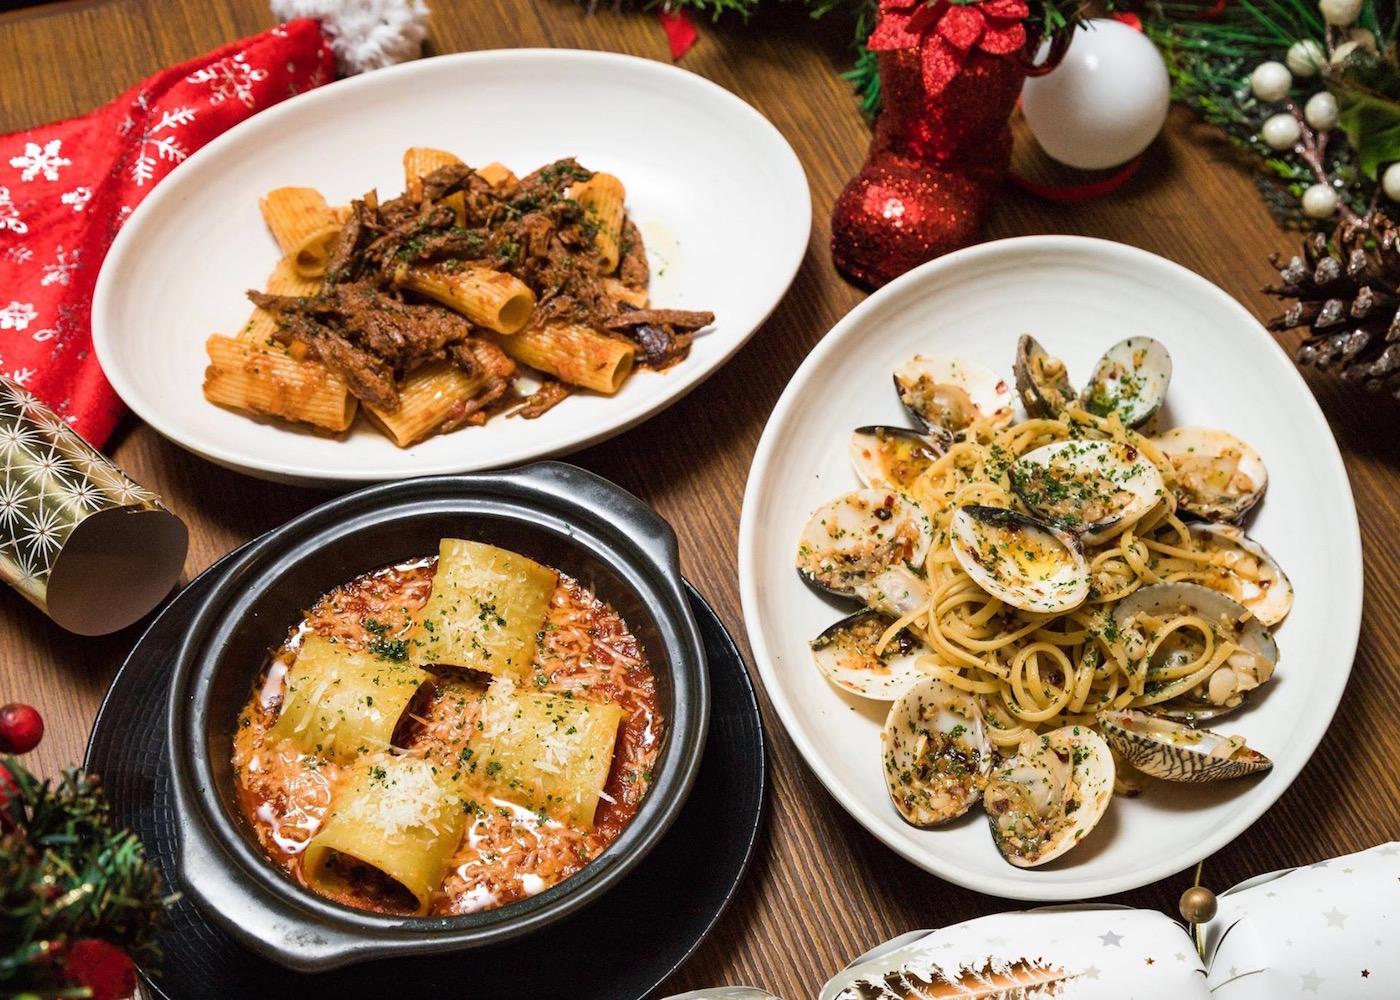 Christmas & New Year at Double-Six - Seminyak Italian Food